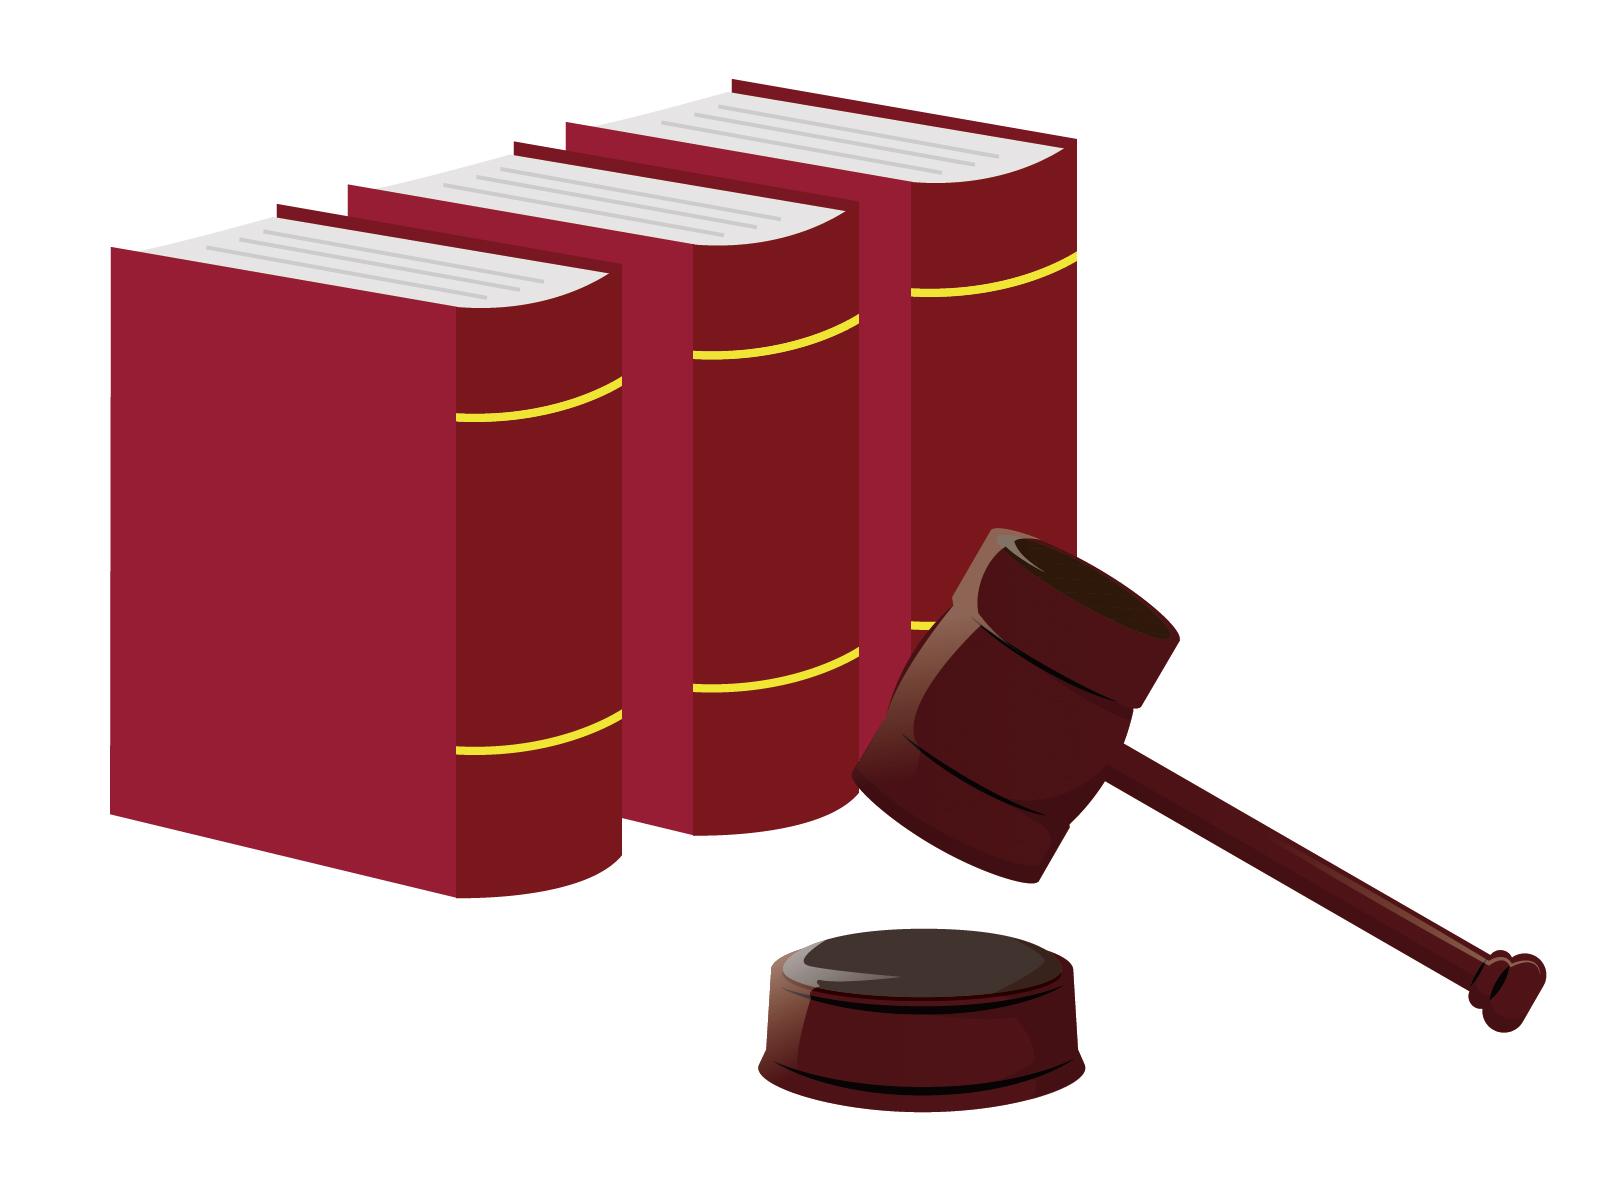 不起訴、起訴猶予、嫌疑不十分の違いは?わかりやすく解説します